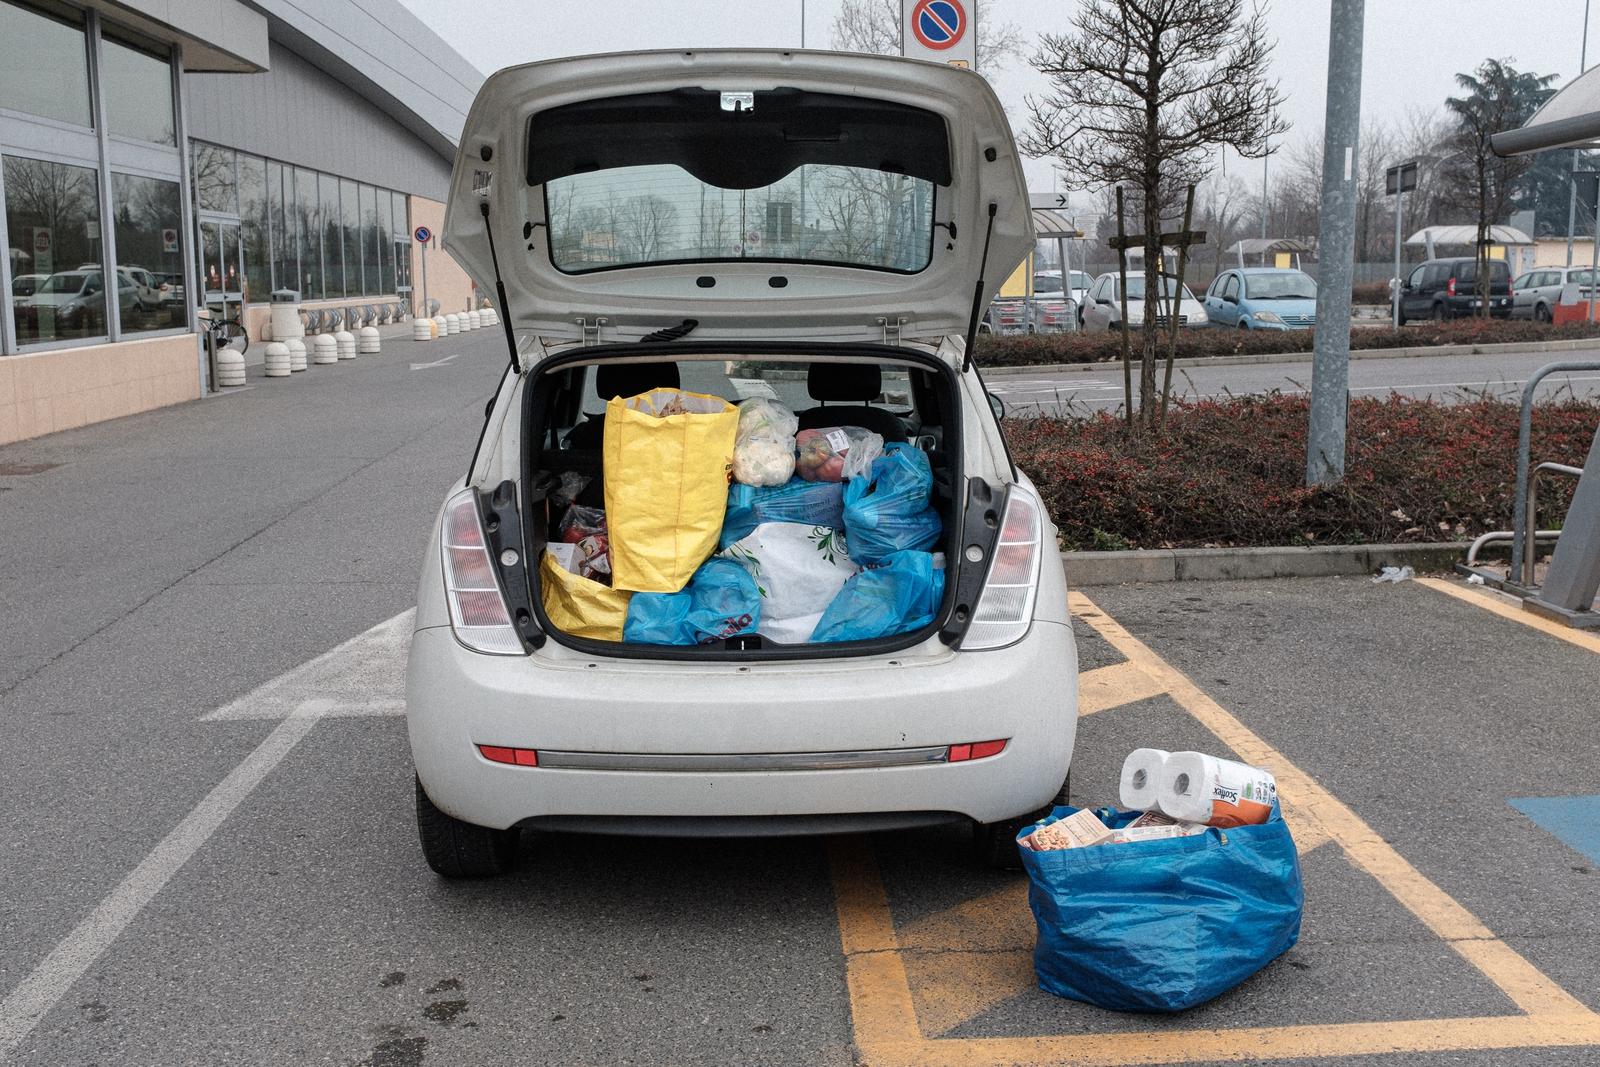 Image - Buying provisions (Image: Marzio Toniolo)